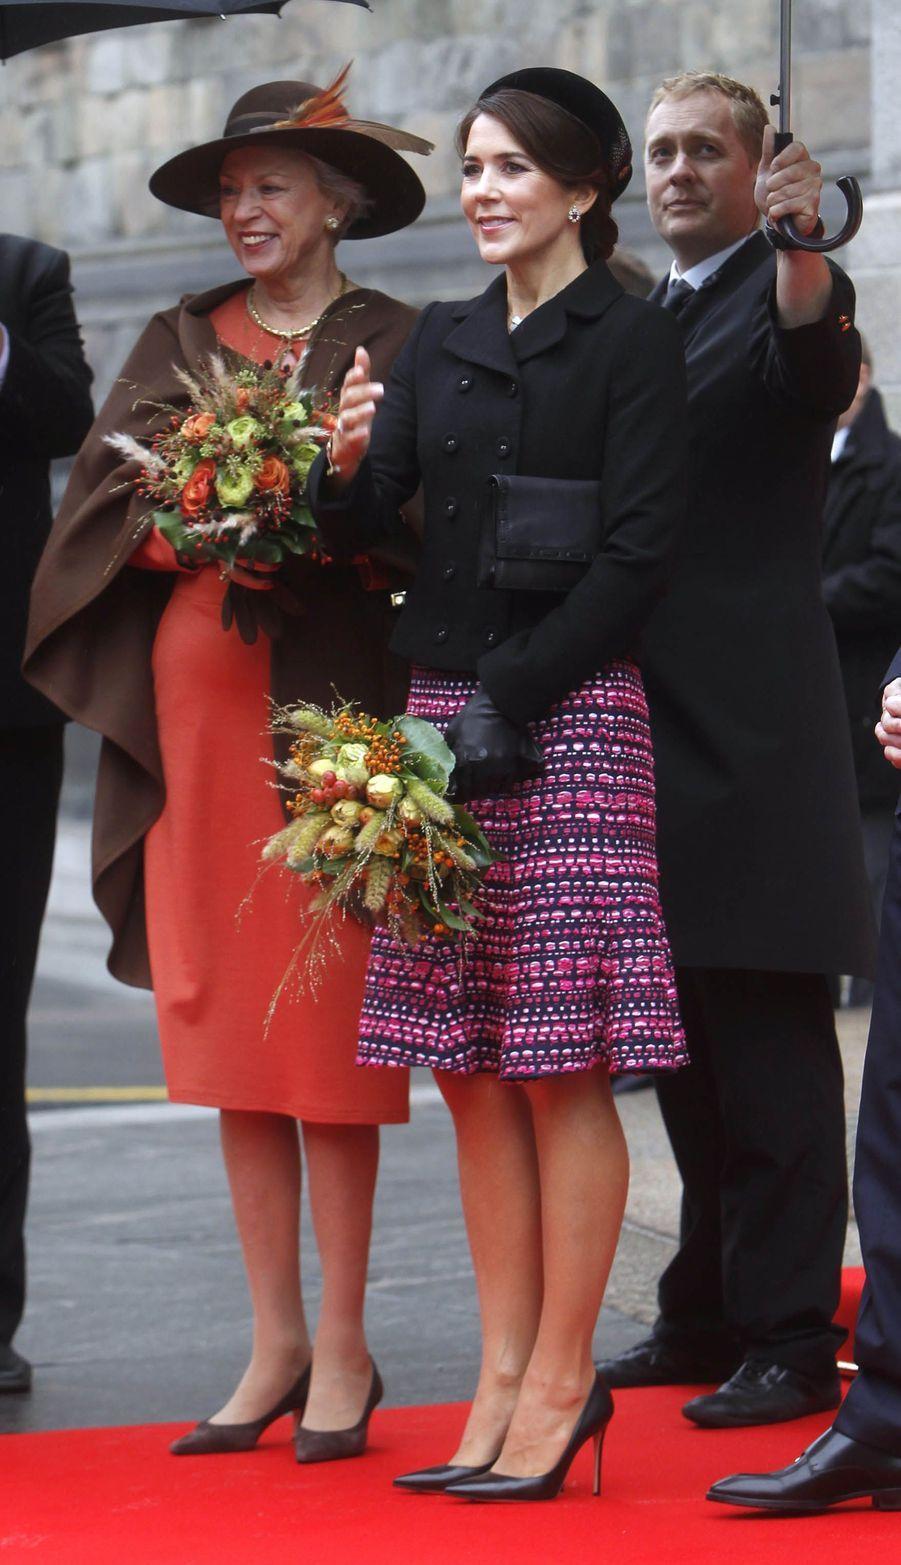 Les princesses Benedikte et Mary de Danemark à Copenhague, le 2 octobre 2018